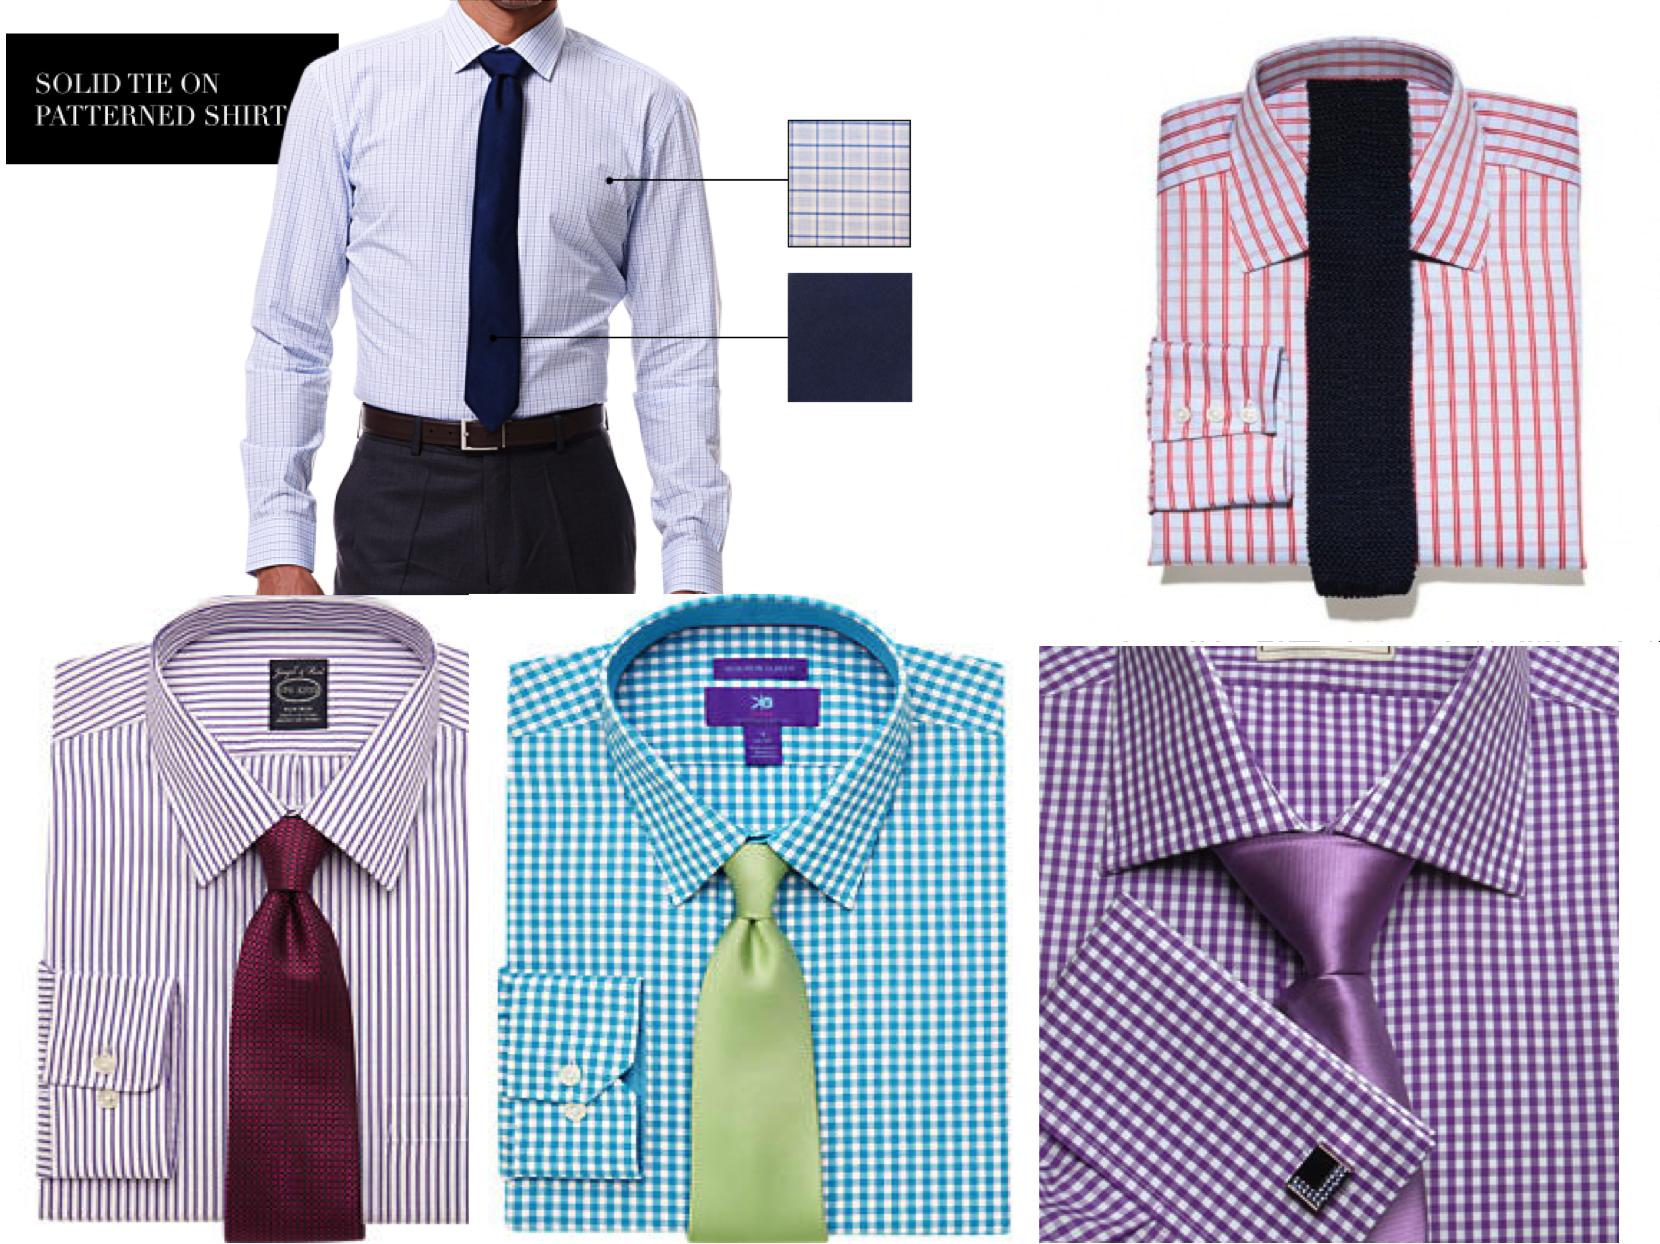 Ties for men lookbook shirt and tie combinations part for Mens dress shirts and ties combinations